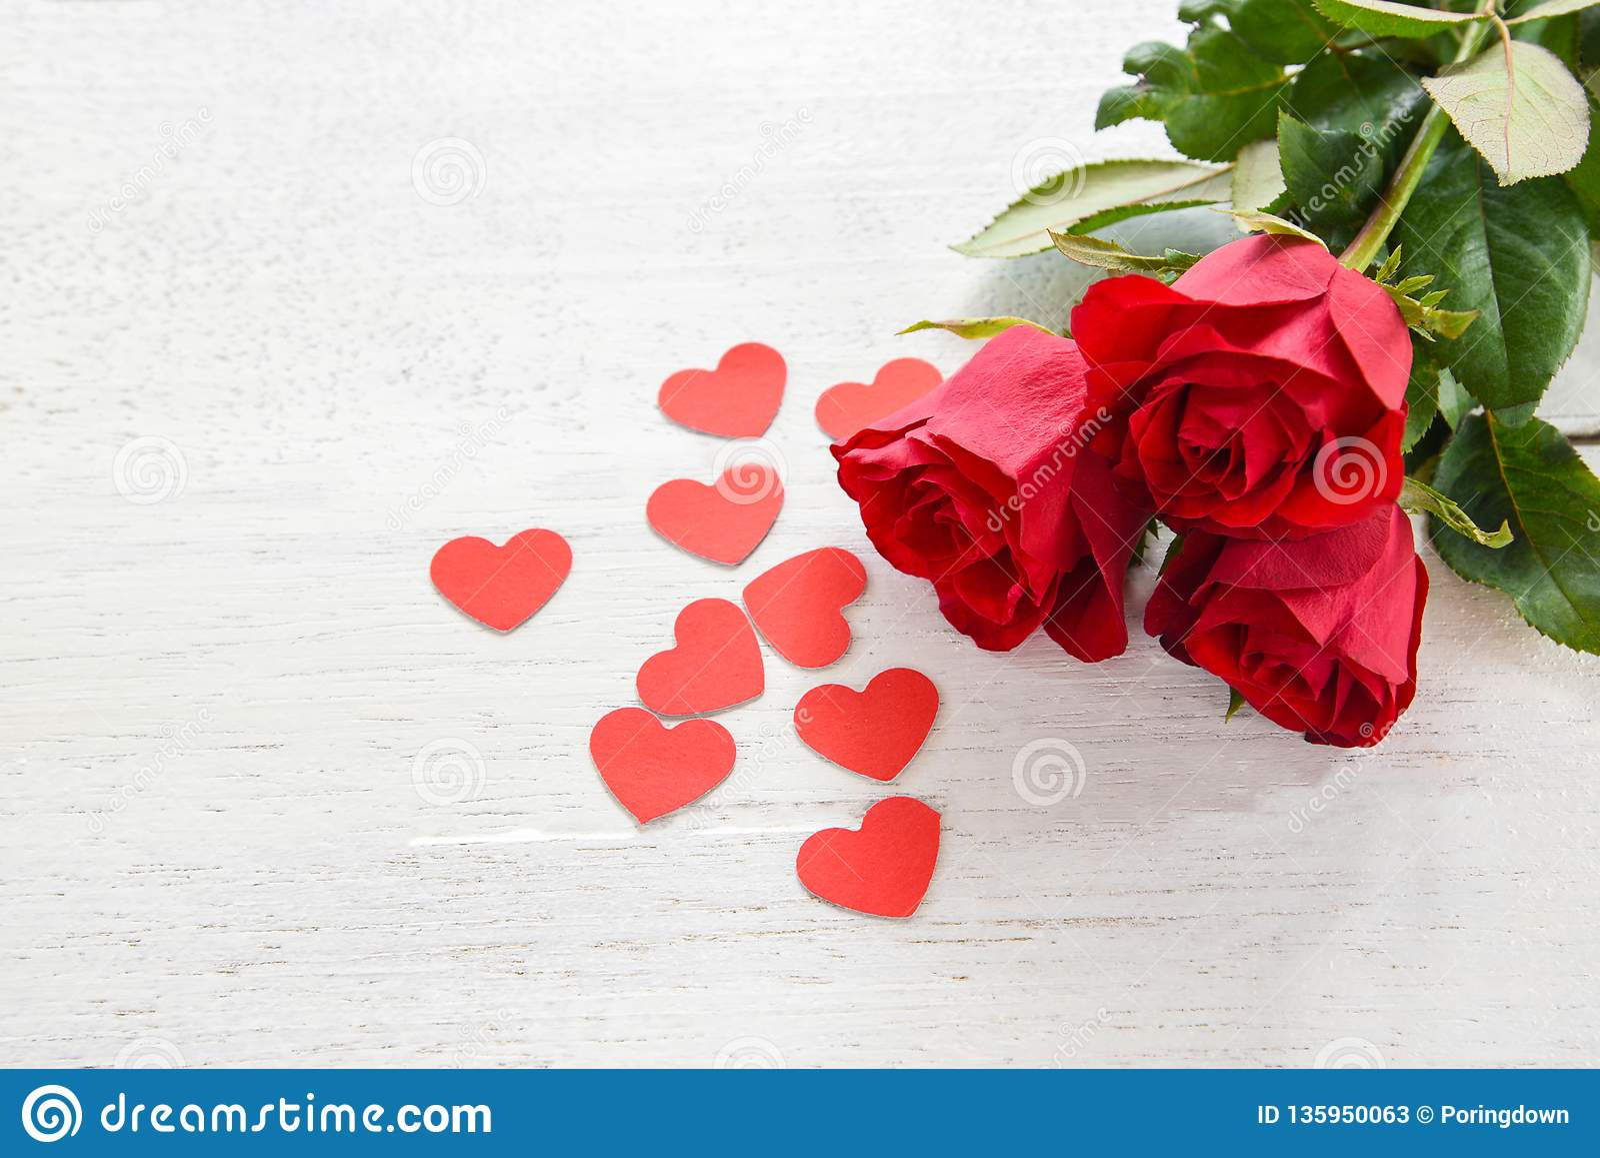 Valentinsgrußtagesrote rosafarbene Blume auf weißem hölzernem Hintergrund/kleinem rotem Herzen der romantischen Liebe